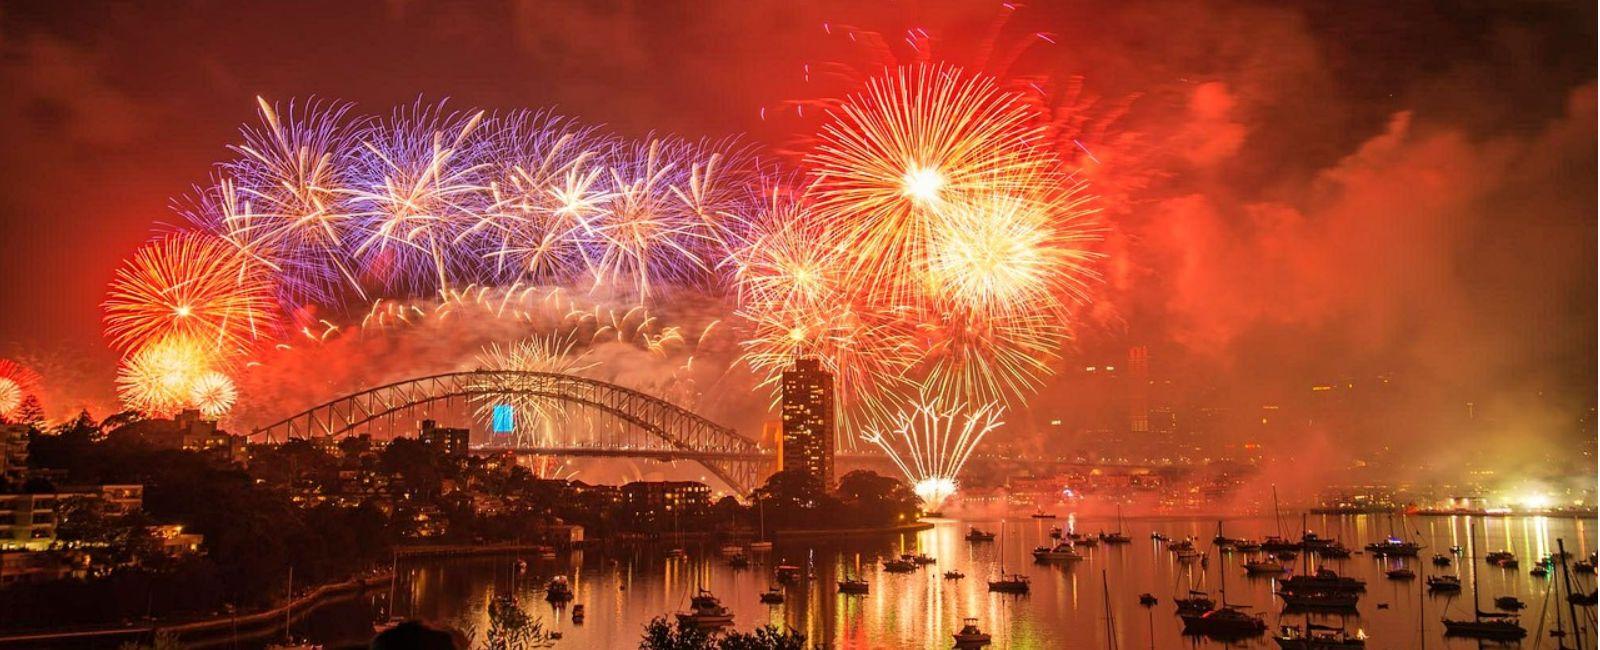 Ο κόσμος γιορτάζει τον ερχομό του 2019 New year